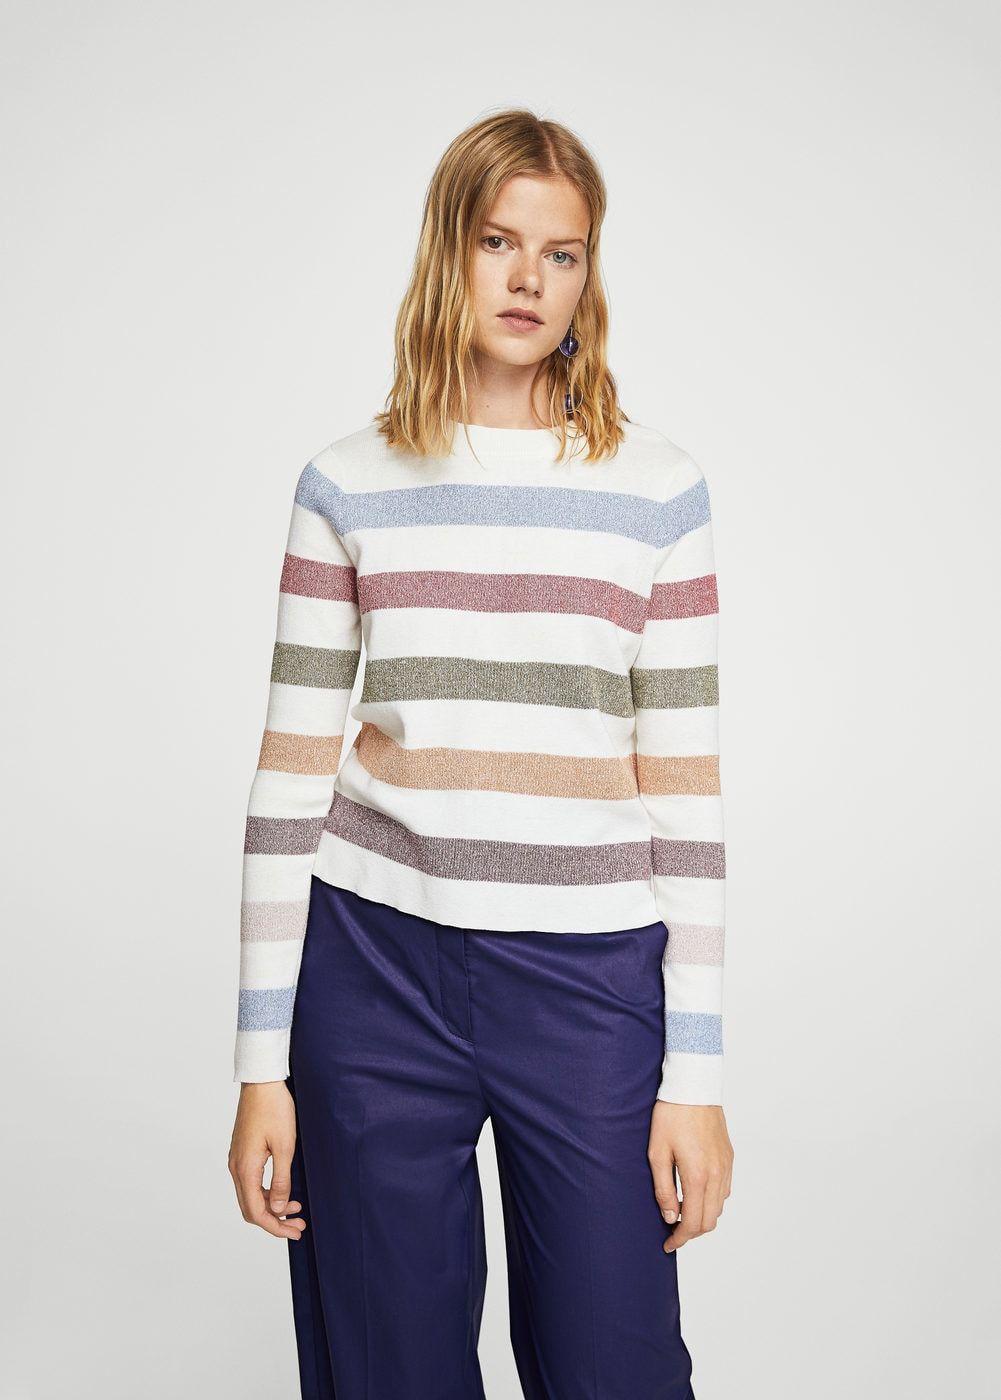 Jersey algodón rayas - Cárdigans y jerséis de Mujer  824aa08a6d8e7